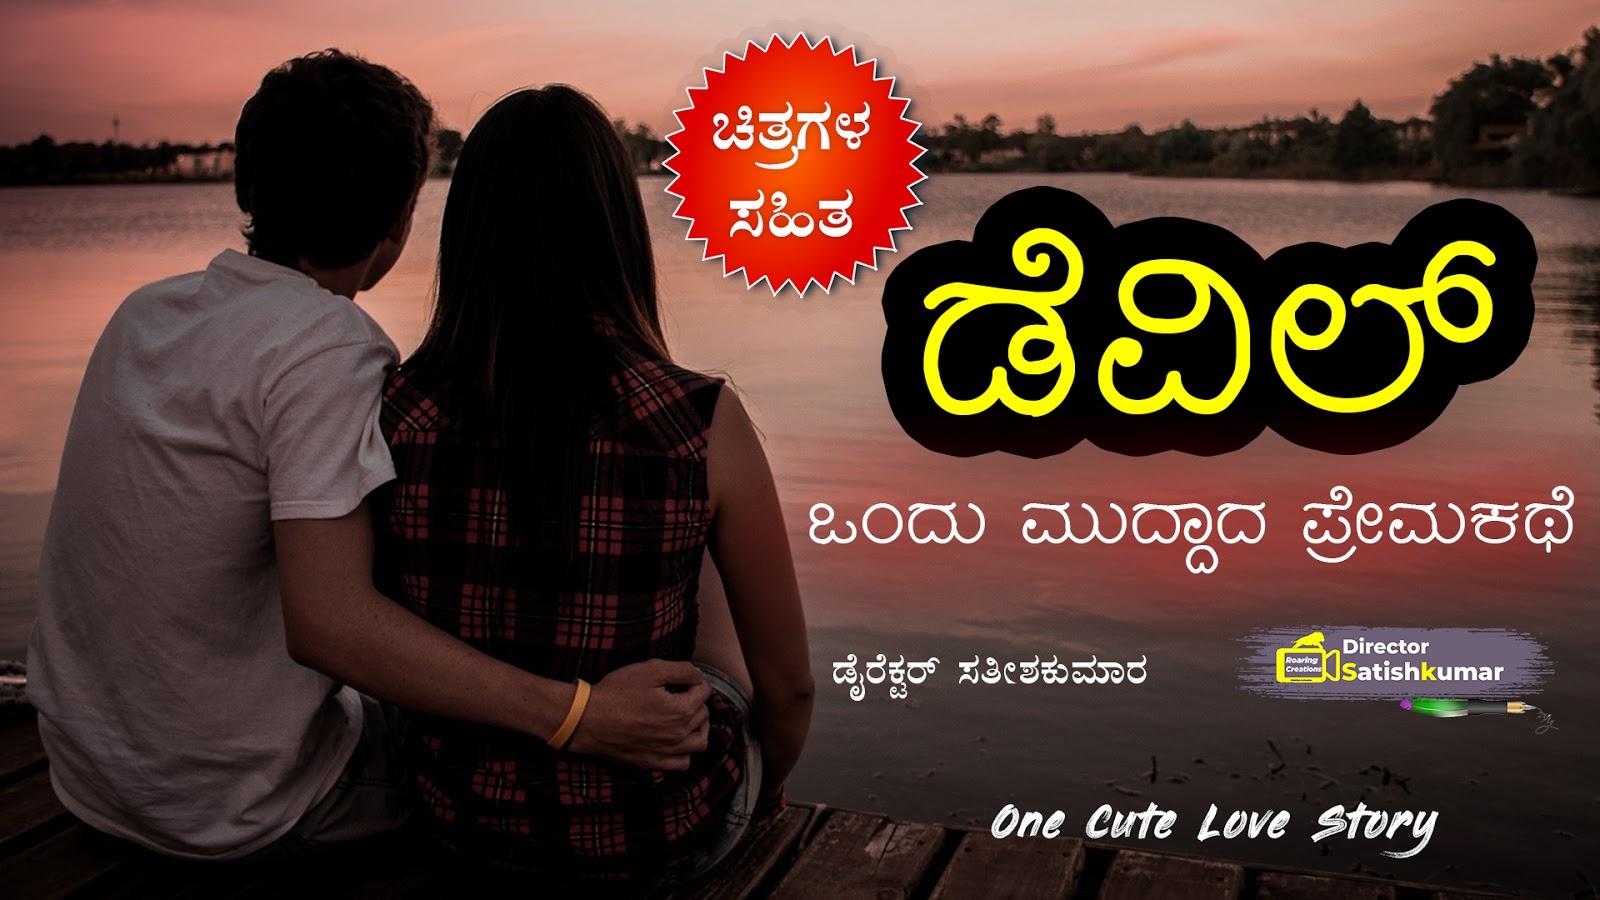 ಡೆವಿಲ್ - ಒಂದು ಮುದ್ದಾದ ಪ್ರೇಮಕಥೆ - One Cute Love Story in Kannada